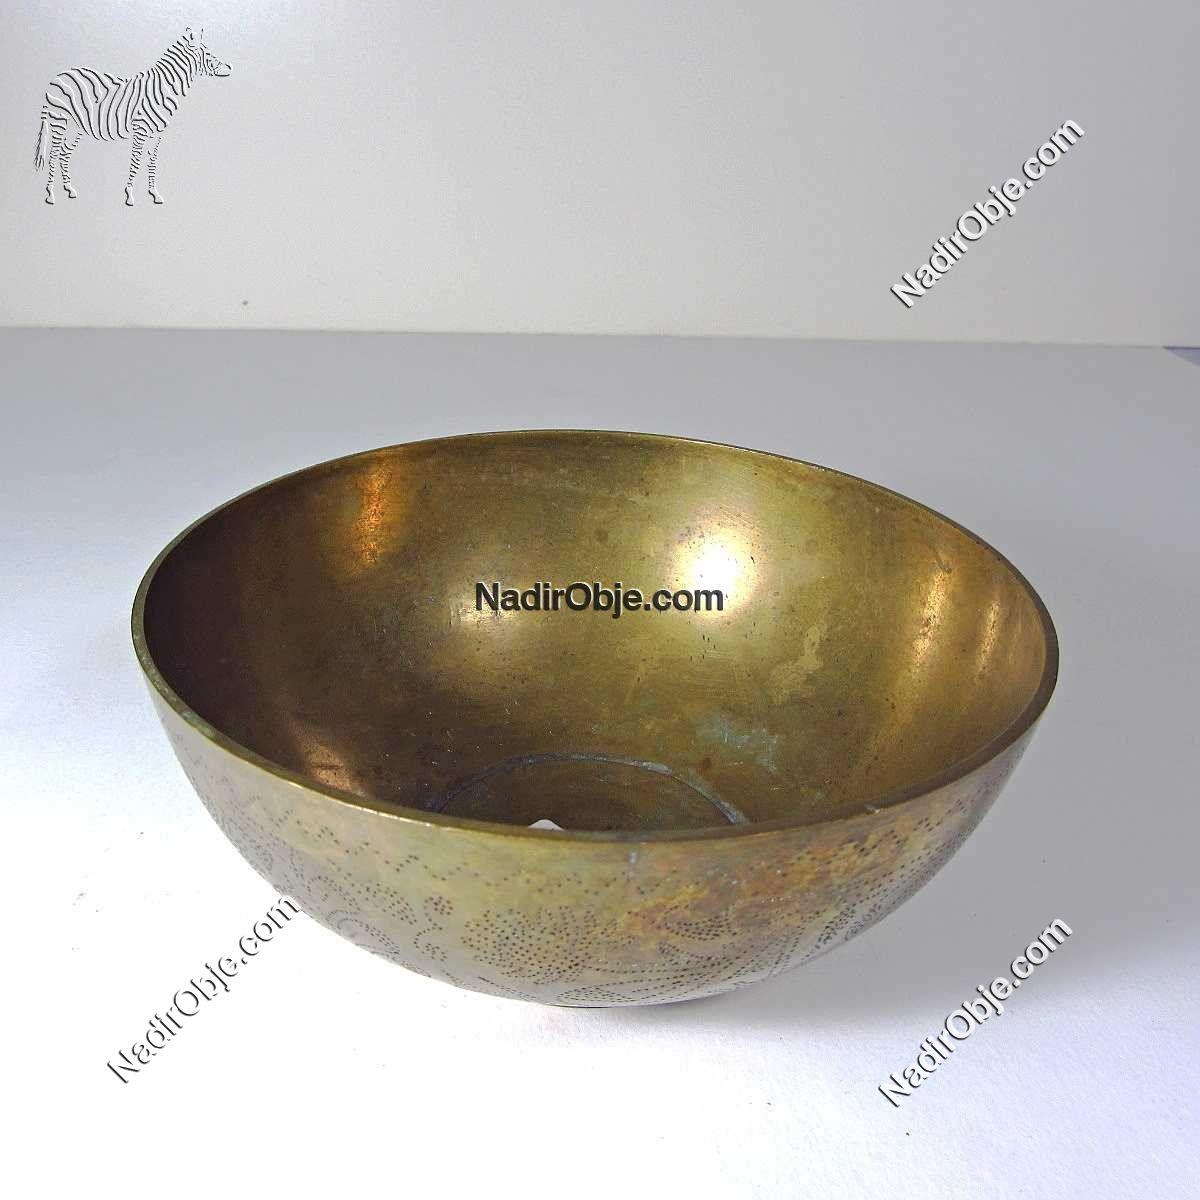 Pirinç Tas Metal Objeler Pirinç